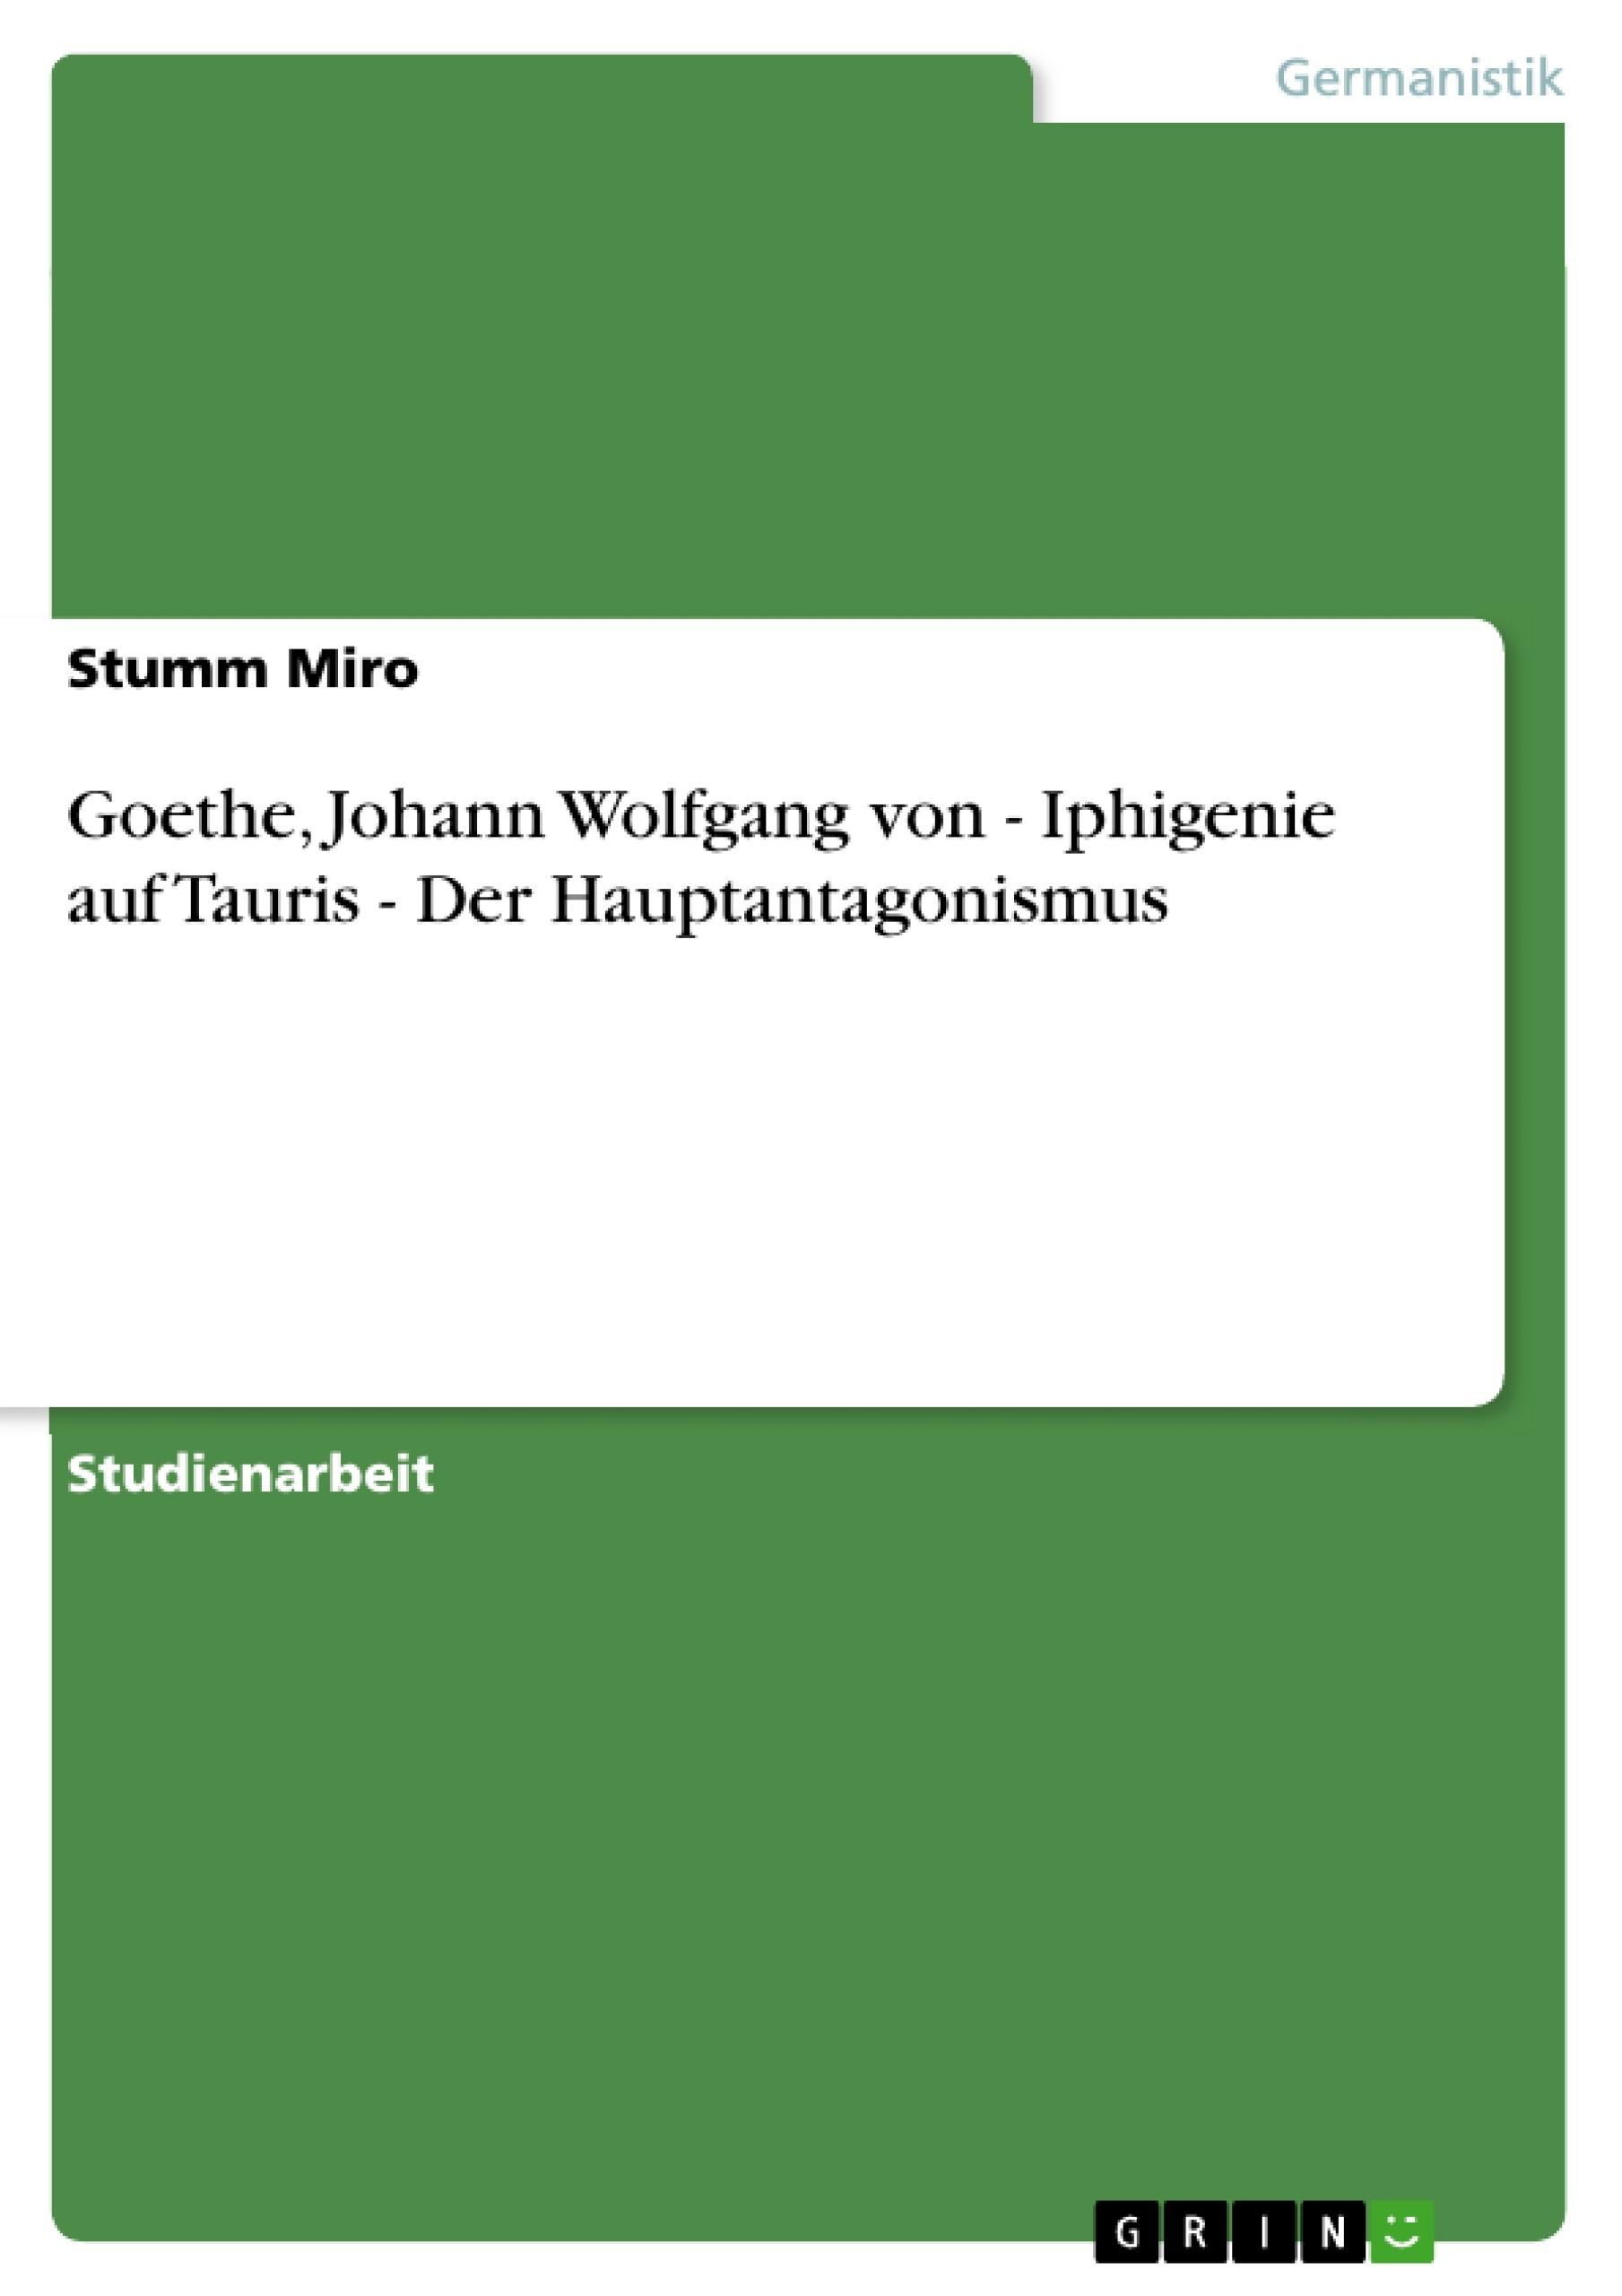 Titel: Goethe, Johann Wolfgang von - Iphigenie auf Tauris - Der Hauptantagonismus